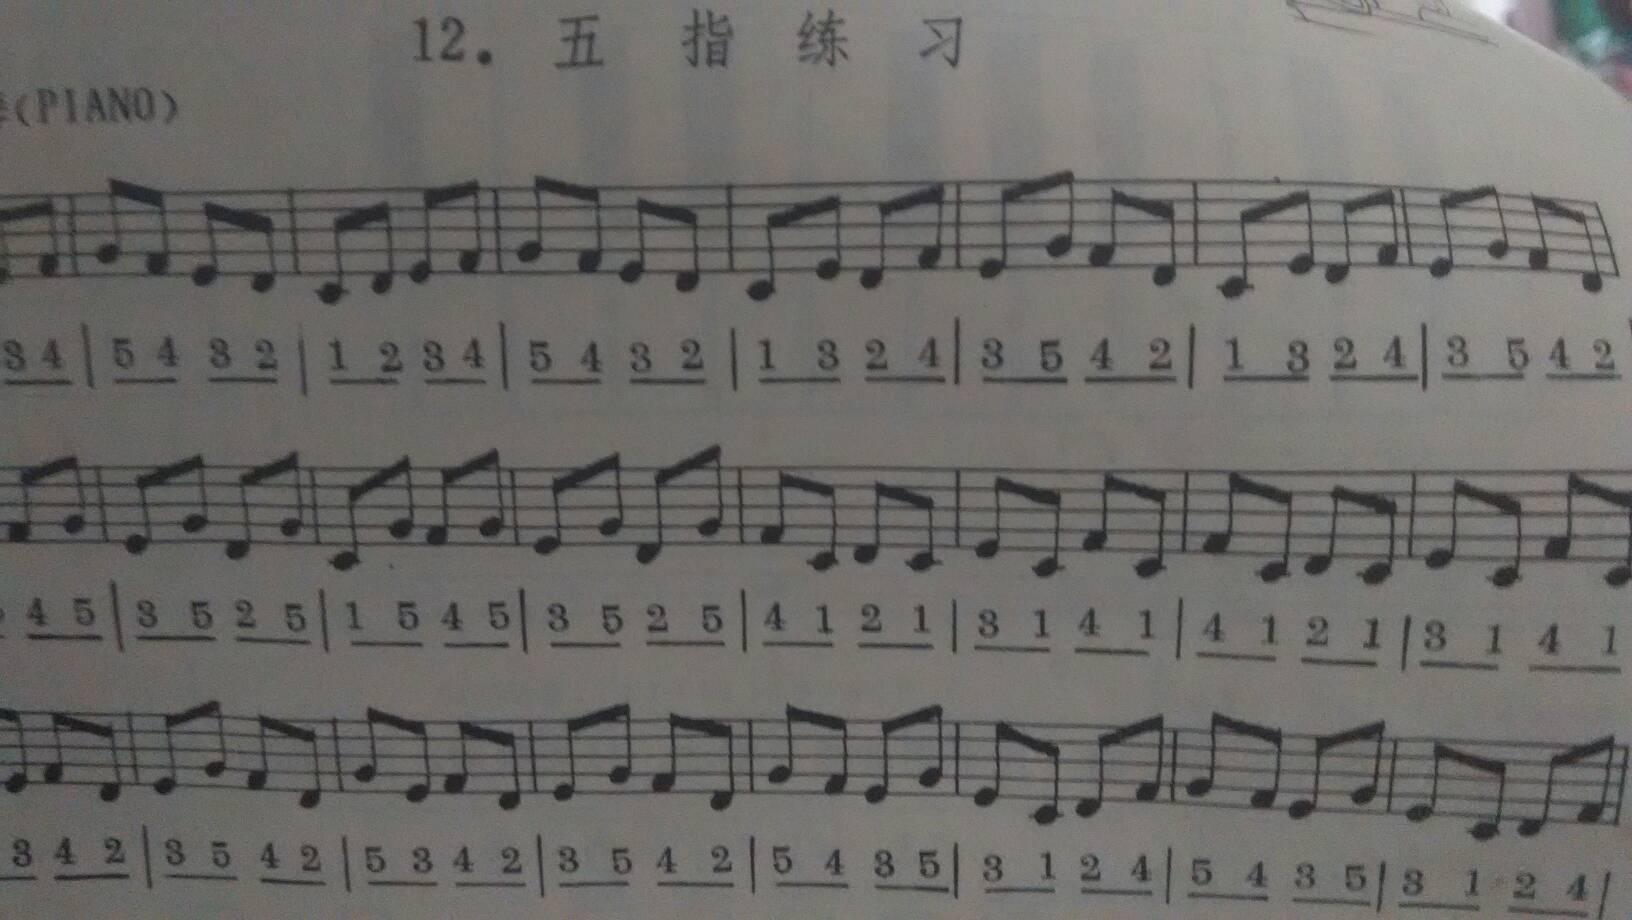 《平凡之路》钢琴简谱,谢谢.不是五线谱 是简谱,还是钢琴的哦